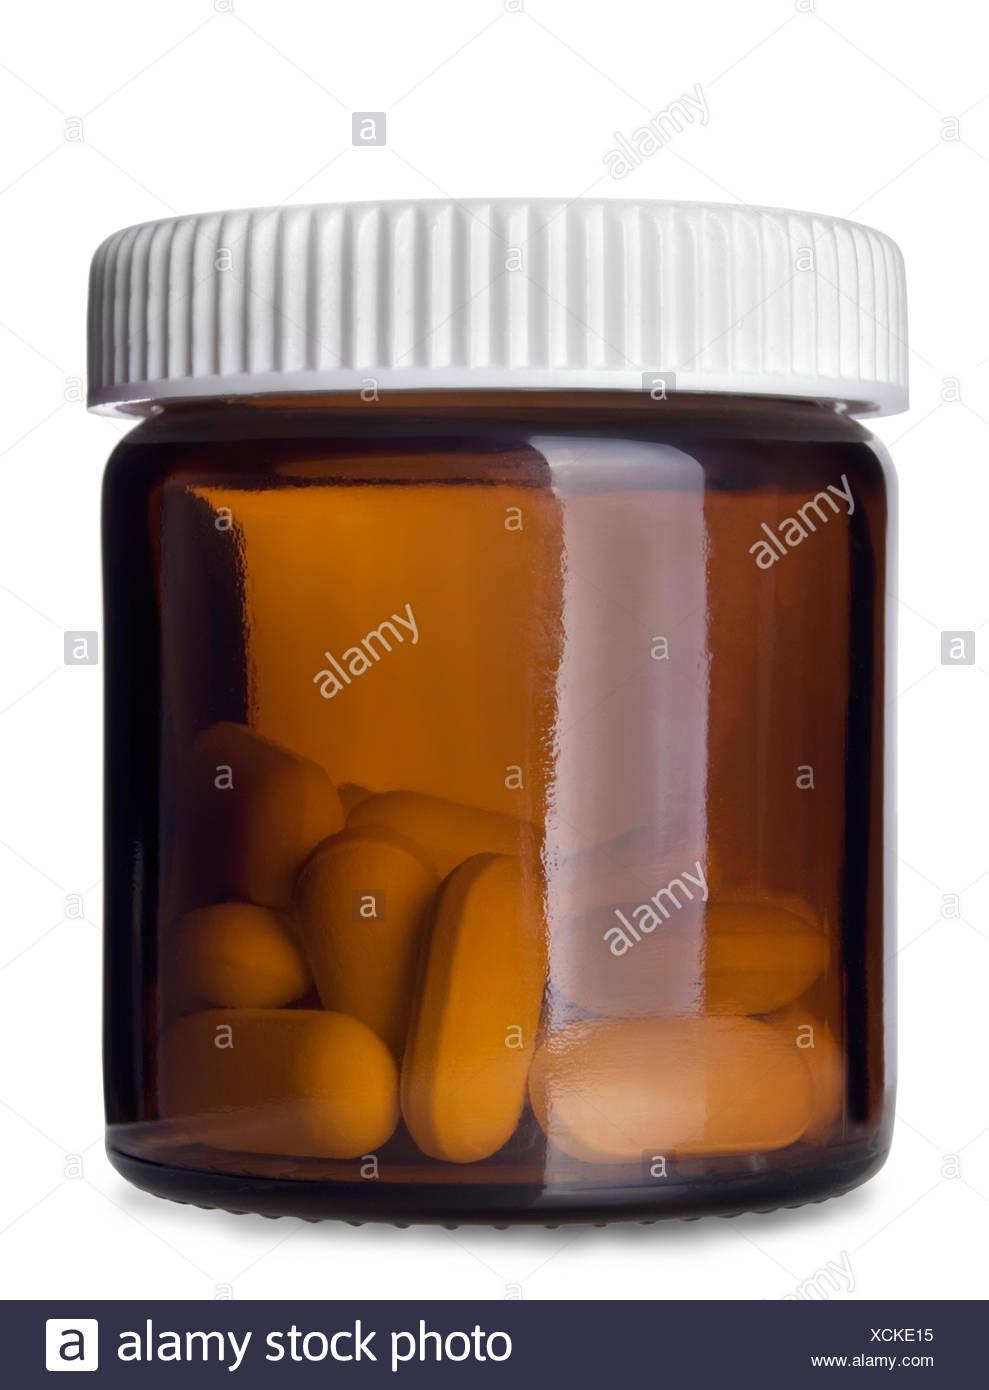 Pills bottle - Stock Image